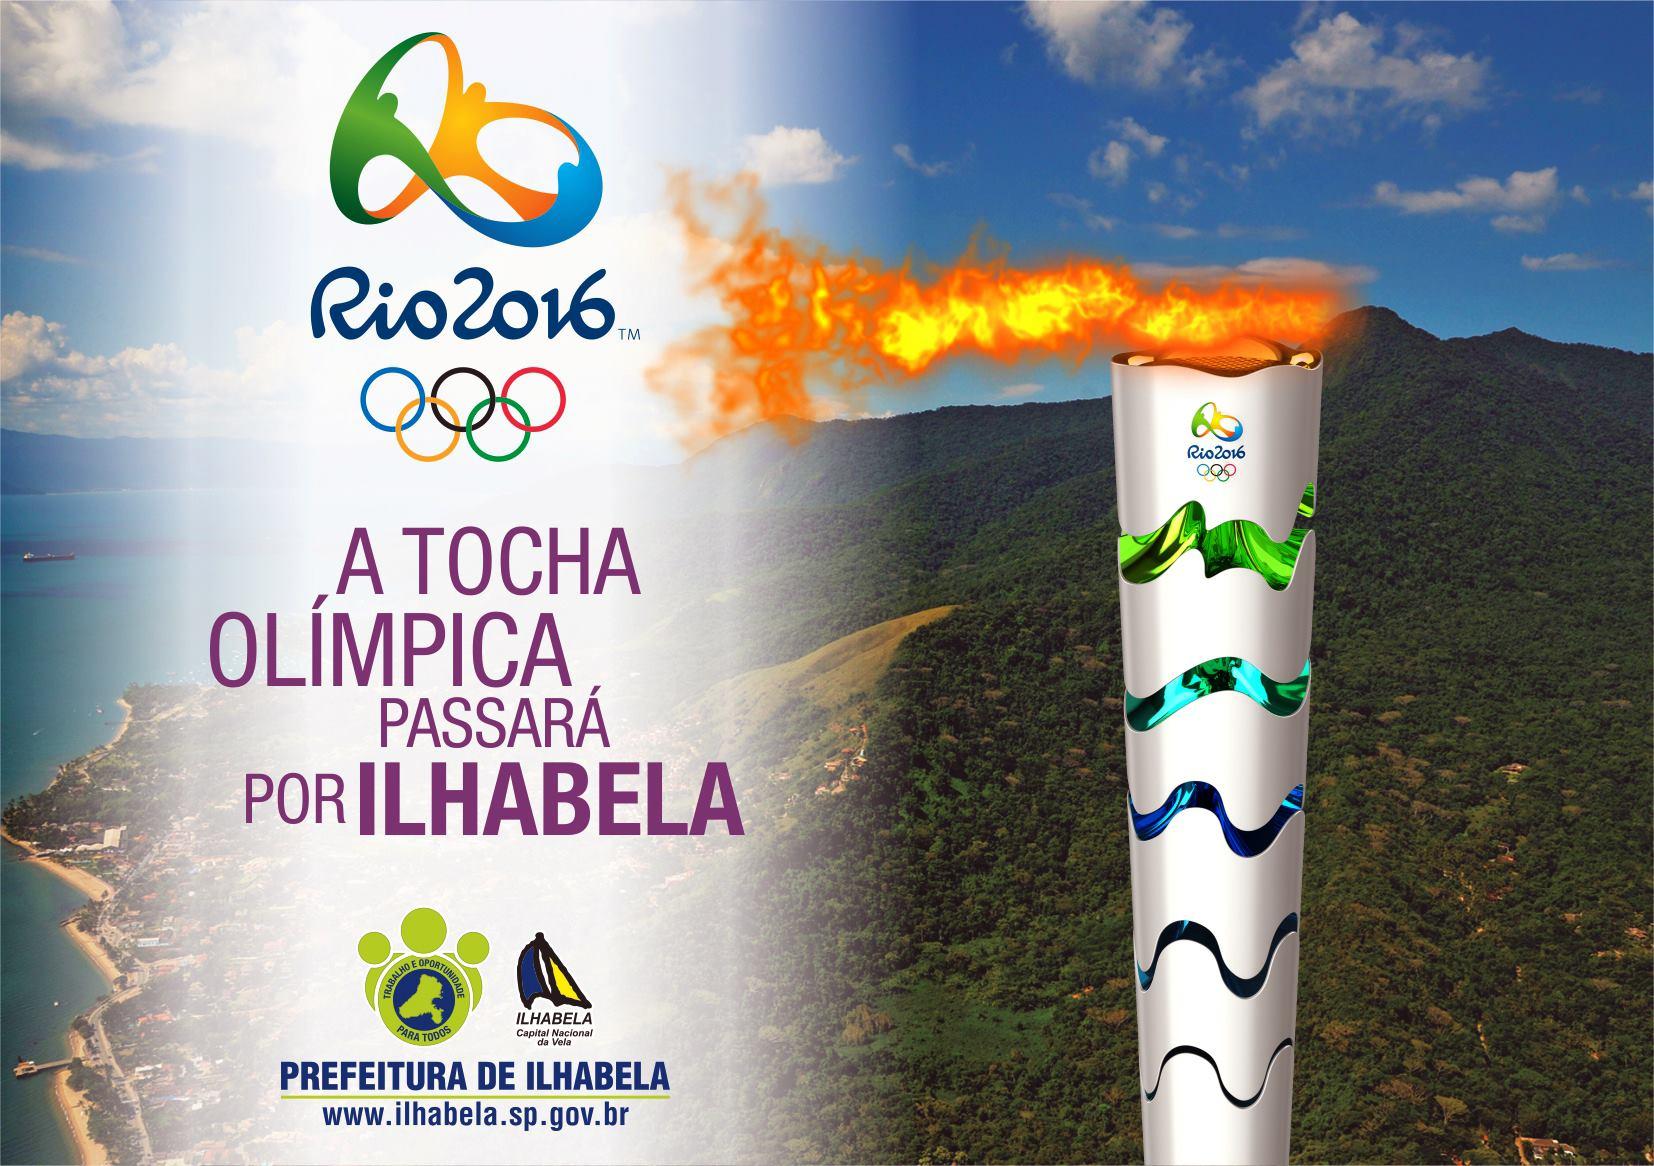 Tocha olímpica - Rio 2016 - Portal Ilhabela.com.br